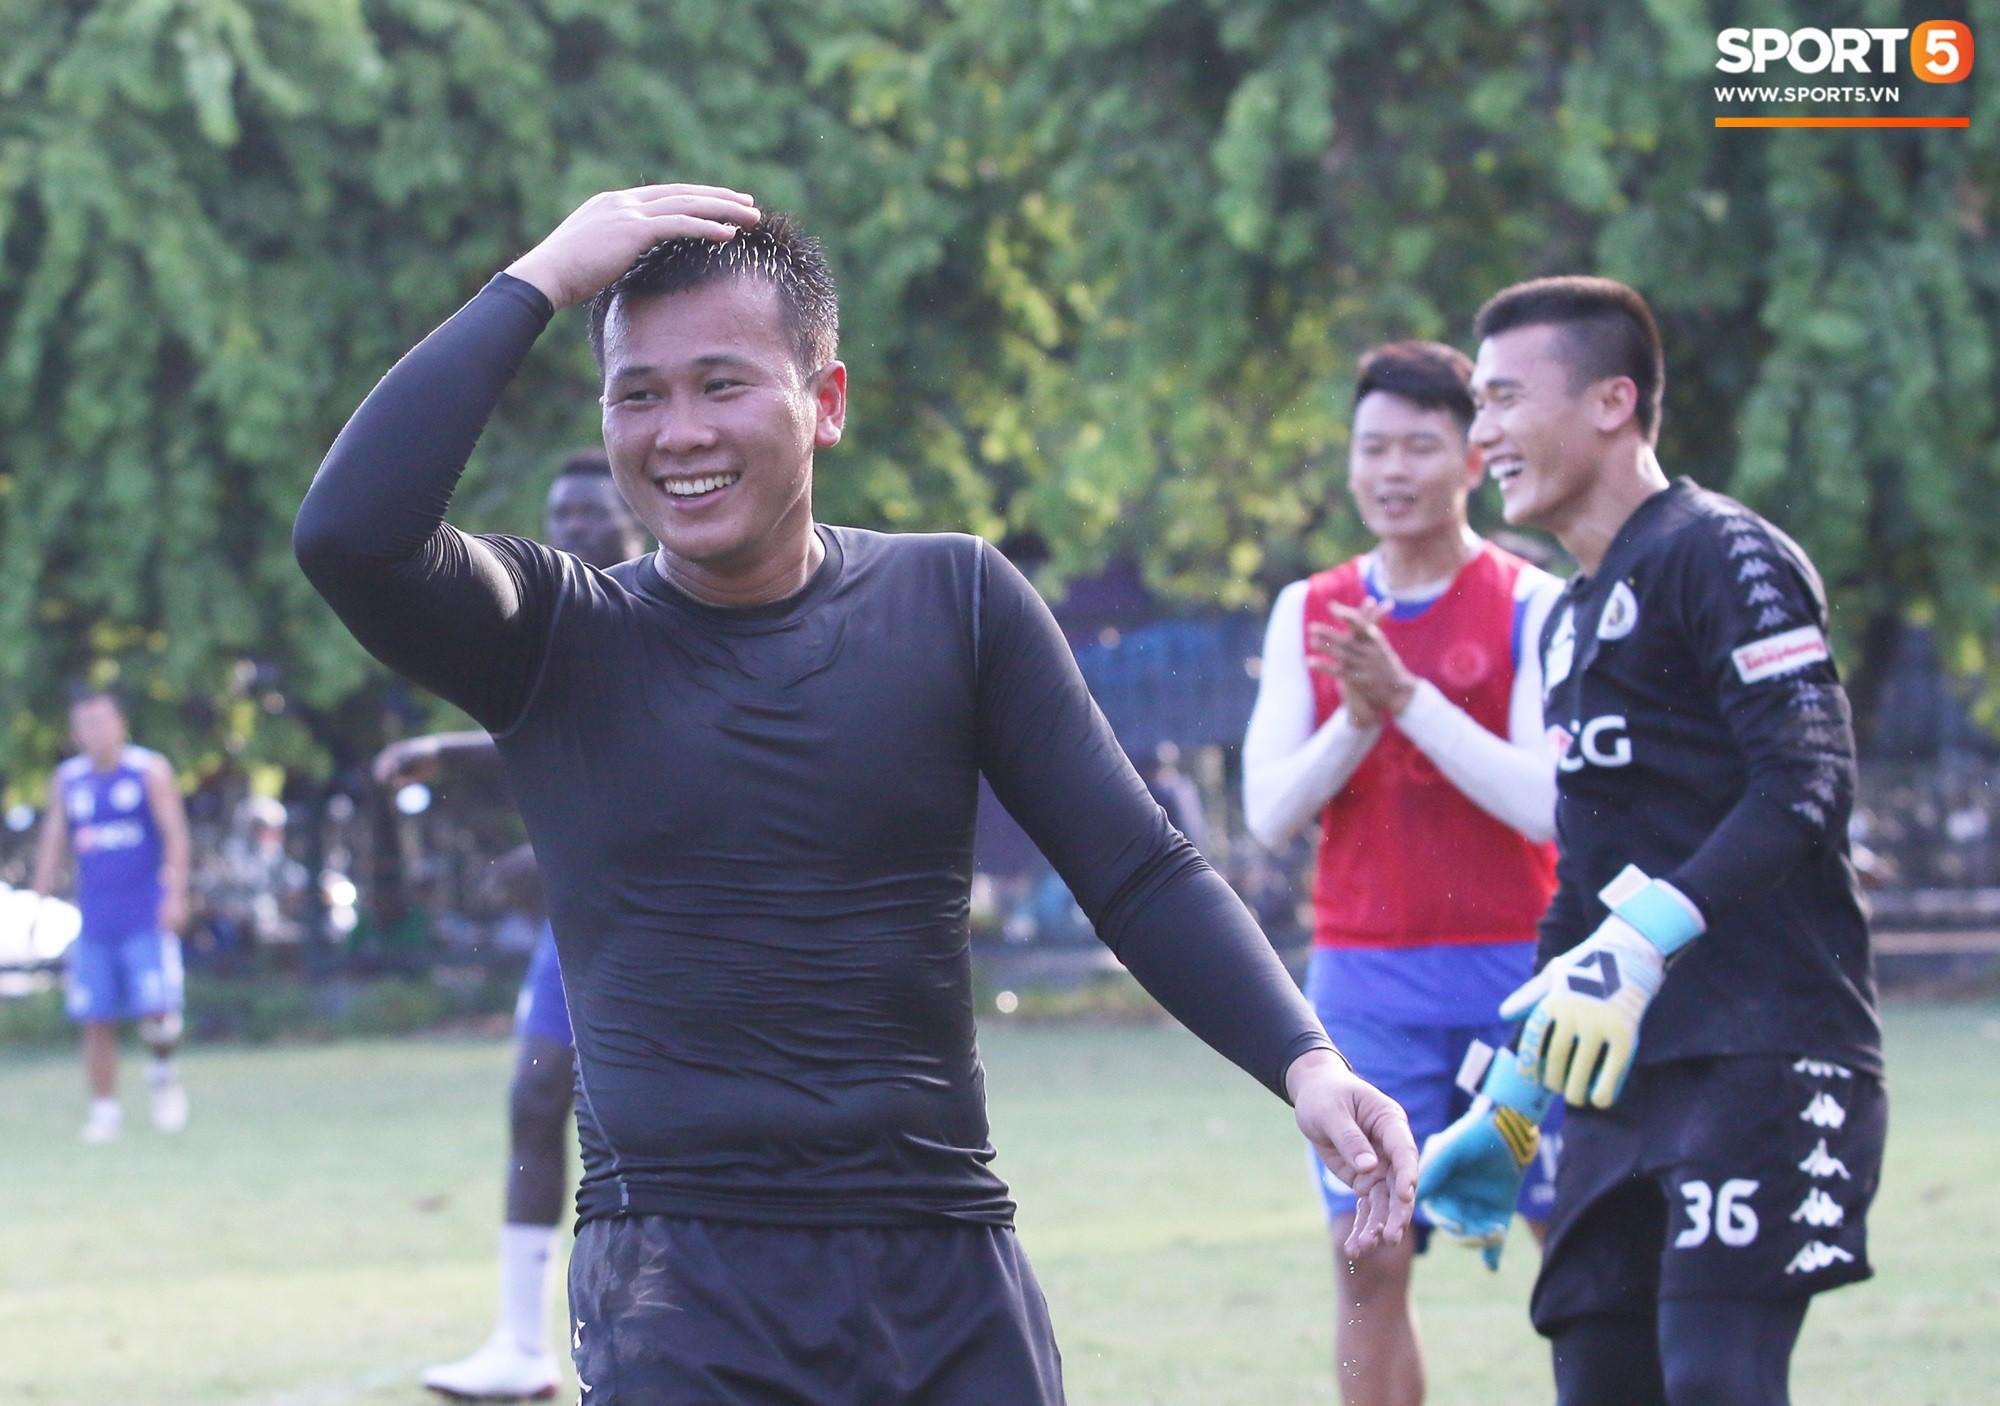 Cởi bỏ vẻ nghiêm nghị thường thấy, HLV của Hà Nội FC xỏ giày vào sân chơi lầy cùng Quang Hải, Duy Mạnh - Ảnh 8.